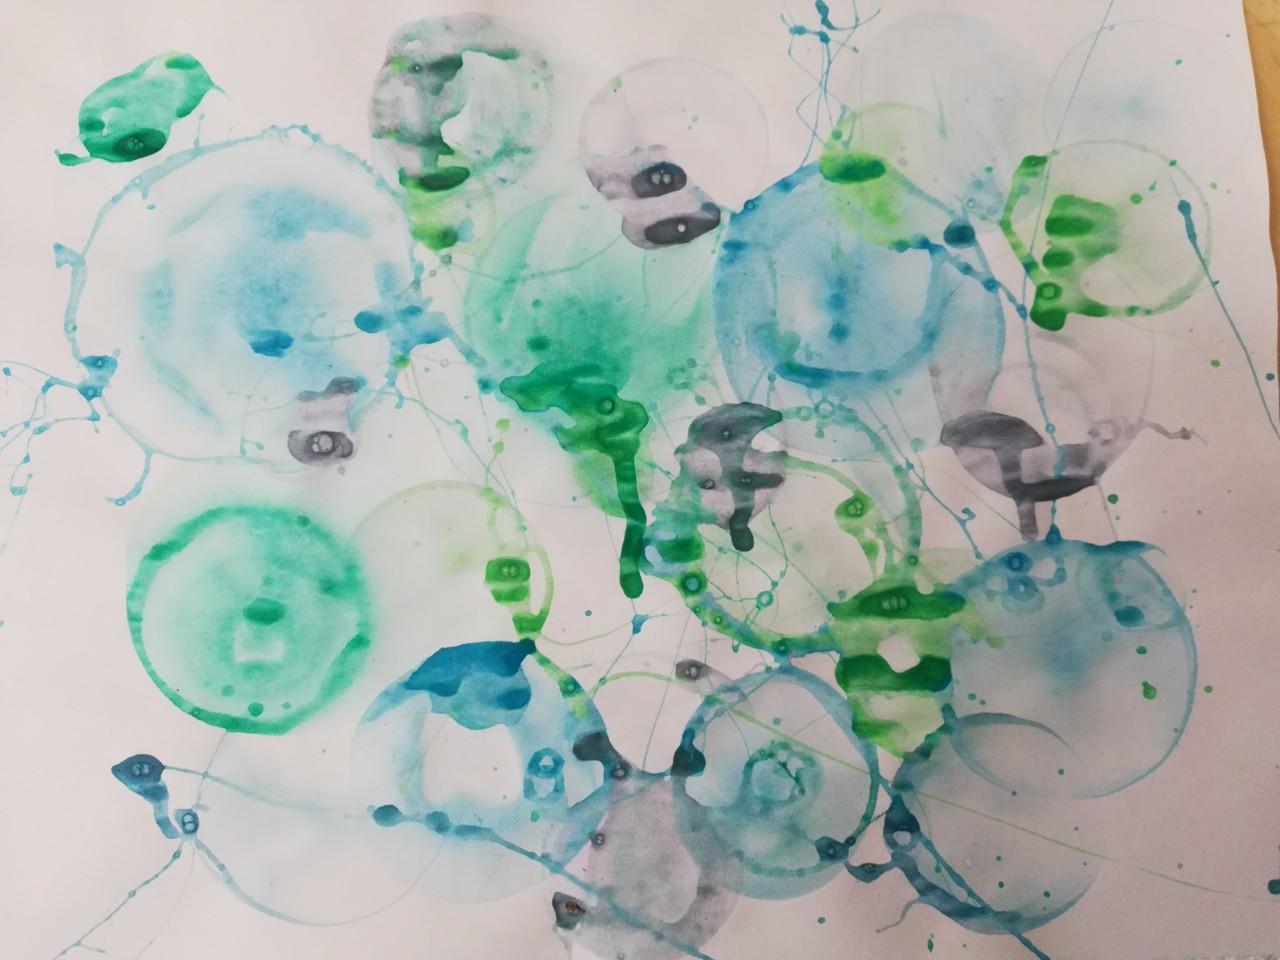 Intensiveres Farbergebnis mit Acrylfarben